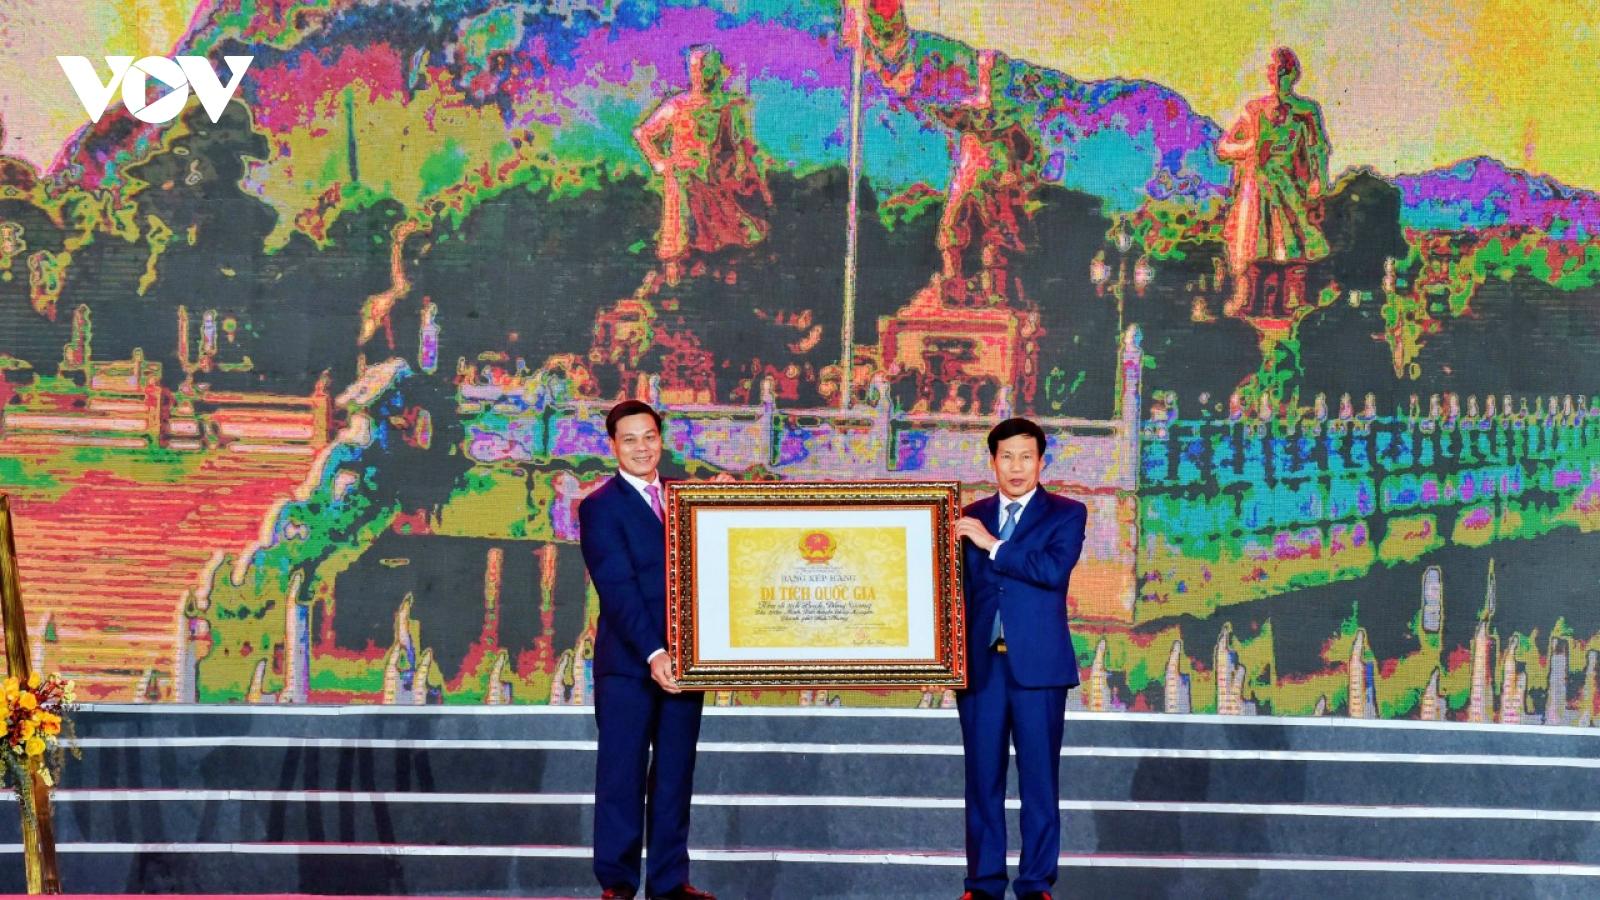 Lễ đón nhận Bằng xếp hạng Di tích lịch sử quốc gia Khu Di tích Bạch Đằng Giang